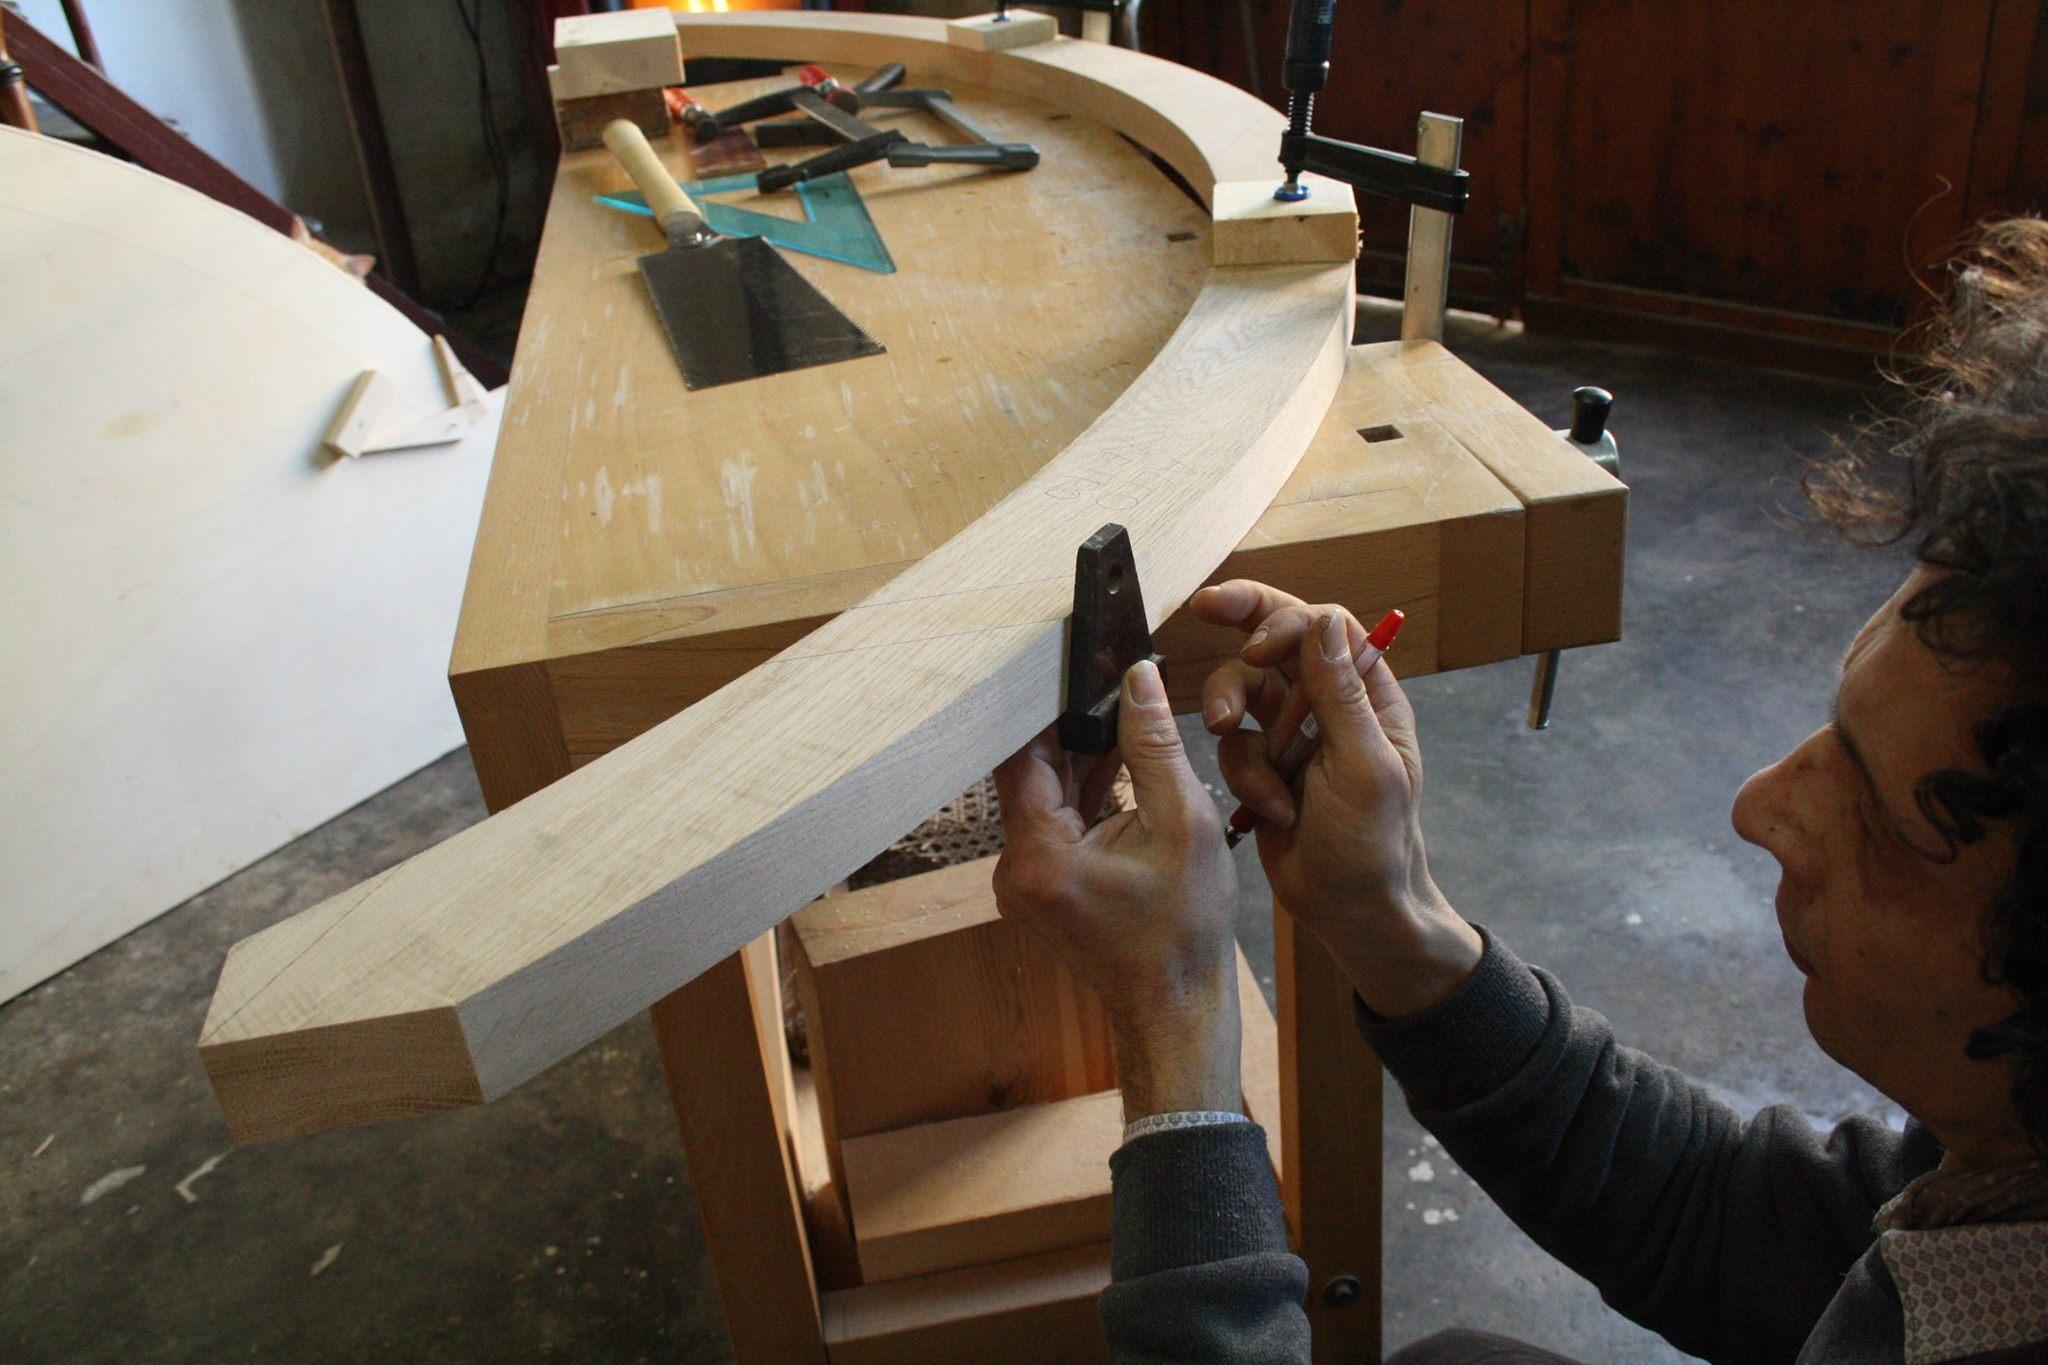 walter zuccarini laboratorio scultura arcobaleno 1 dalla forma dellAnima Arcobaleni modulo misura aurea